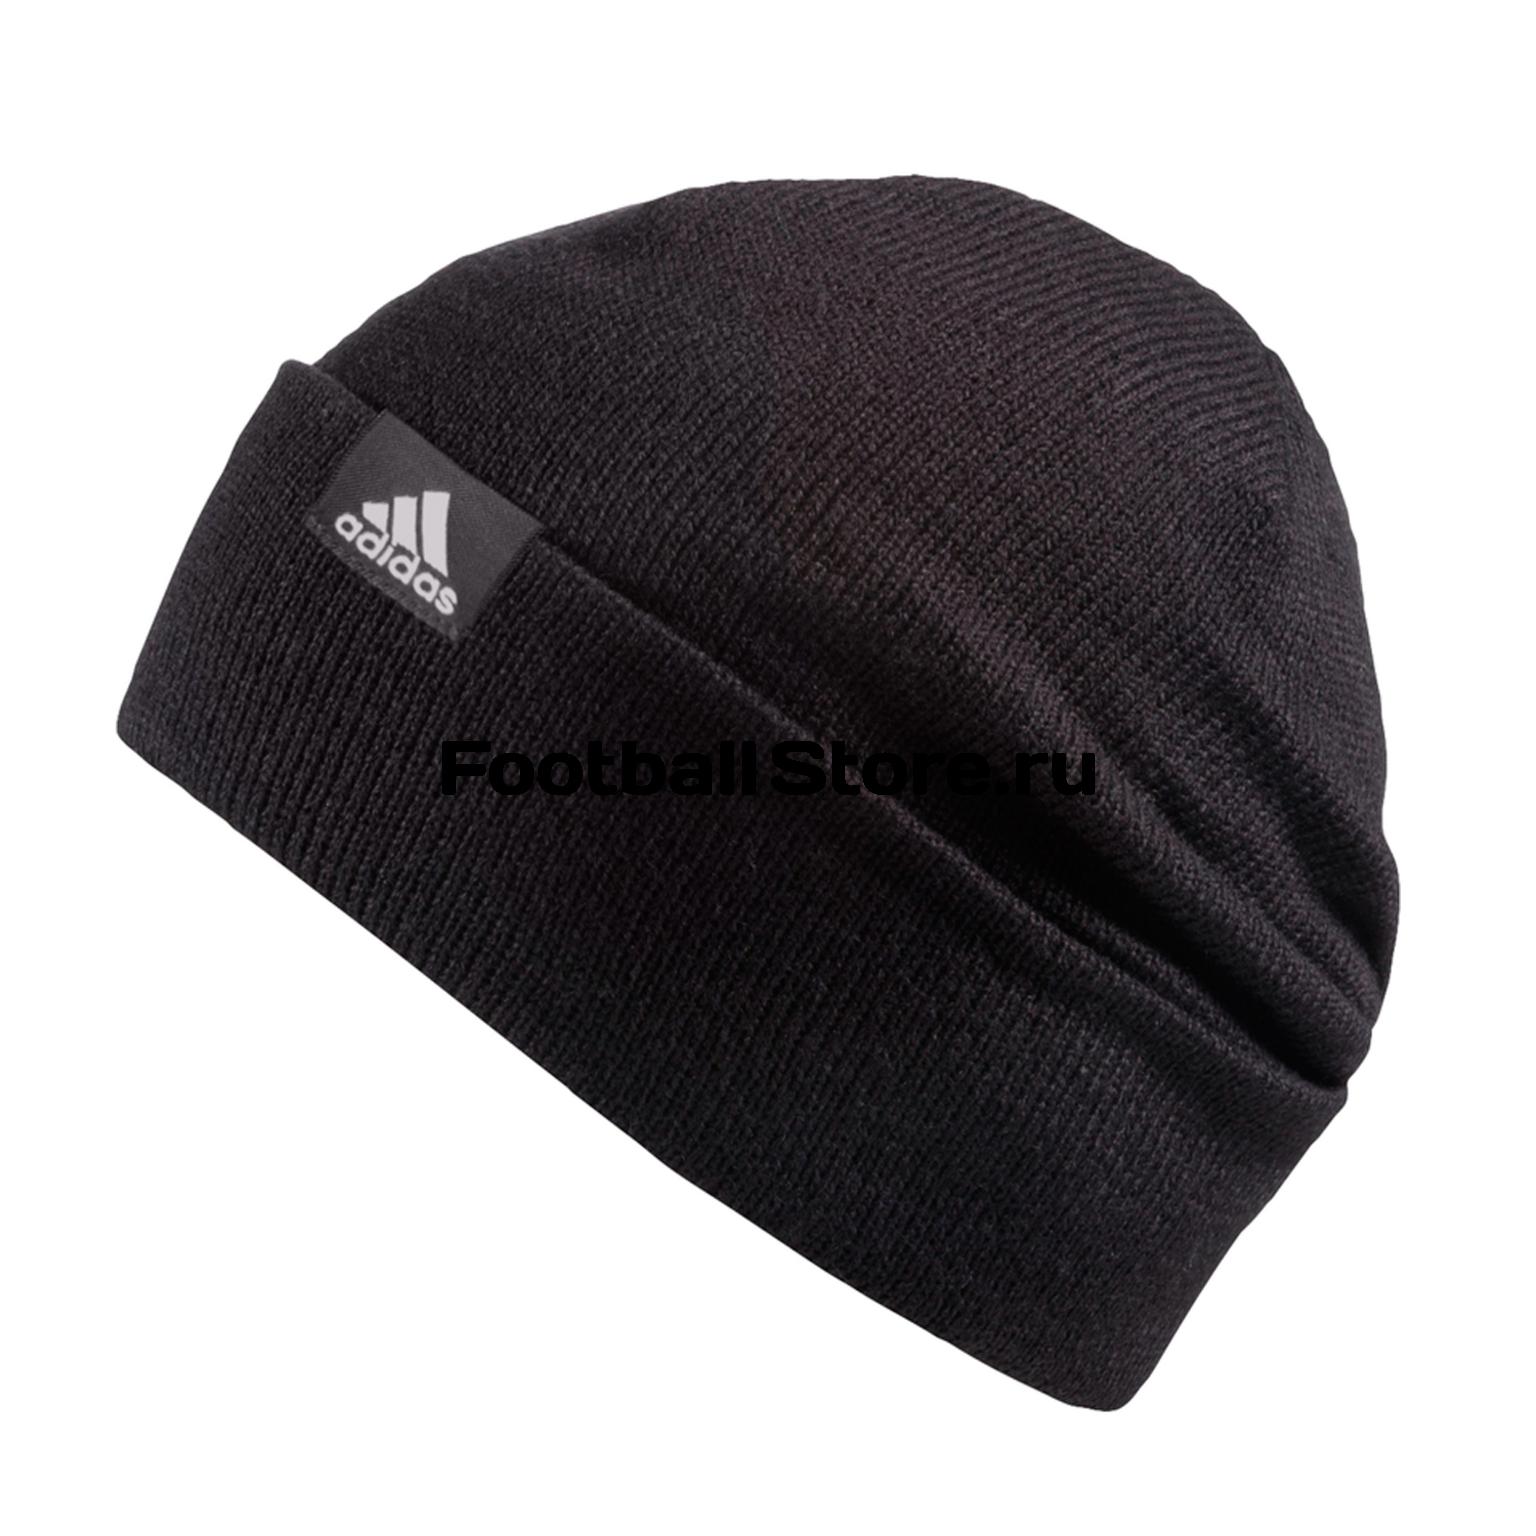 Головные уборы Adidas Шапка Adidas Perf Woolie AB0349